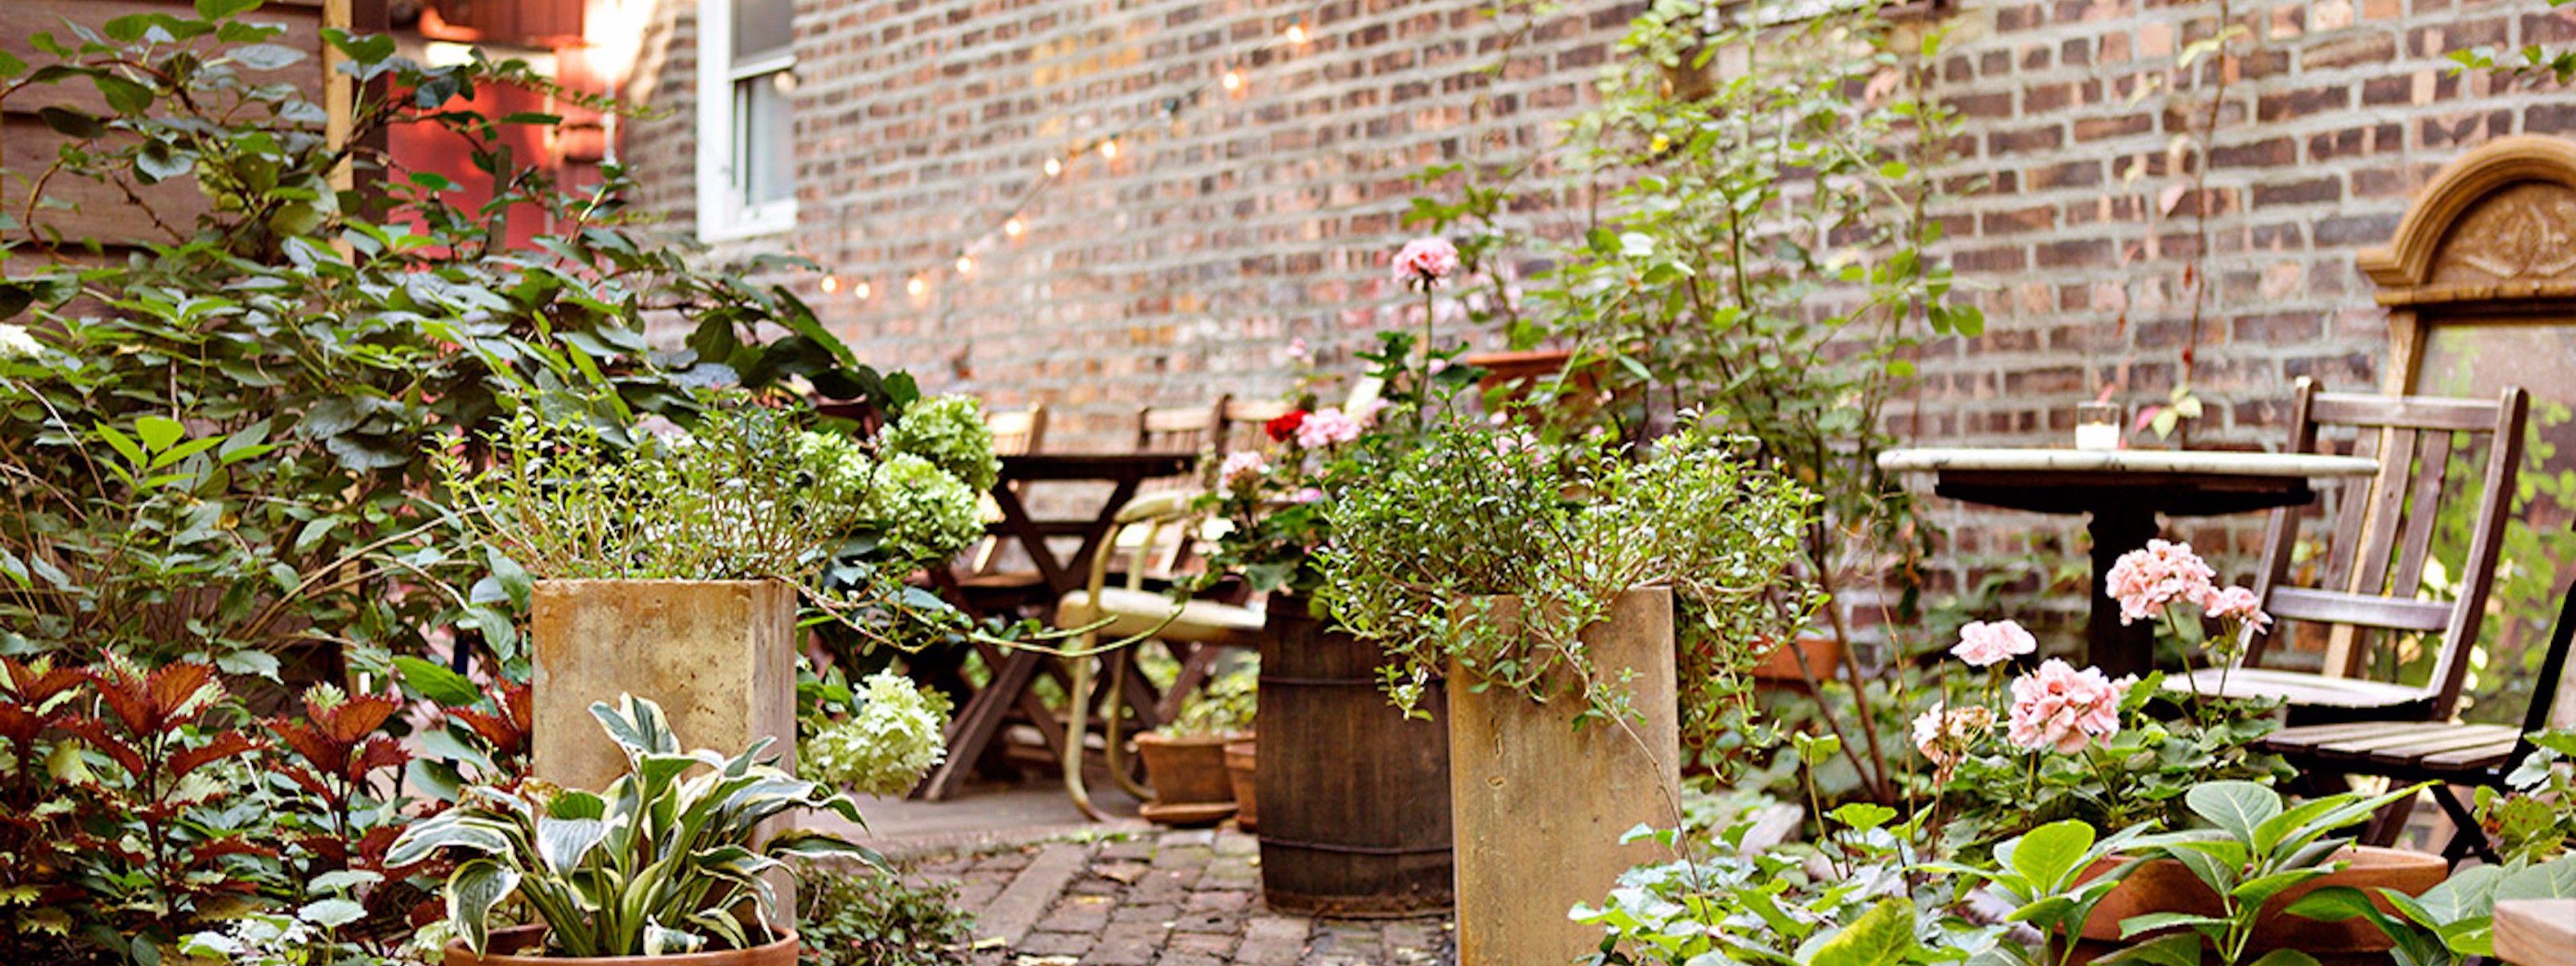 Milk & Roses Greenpoint New York Roses restaurant